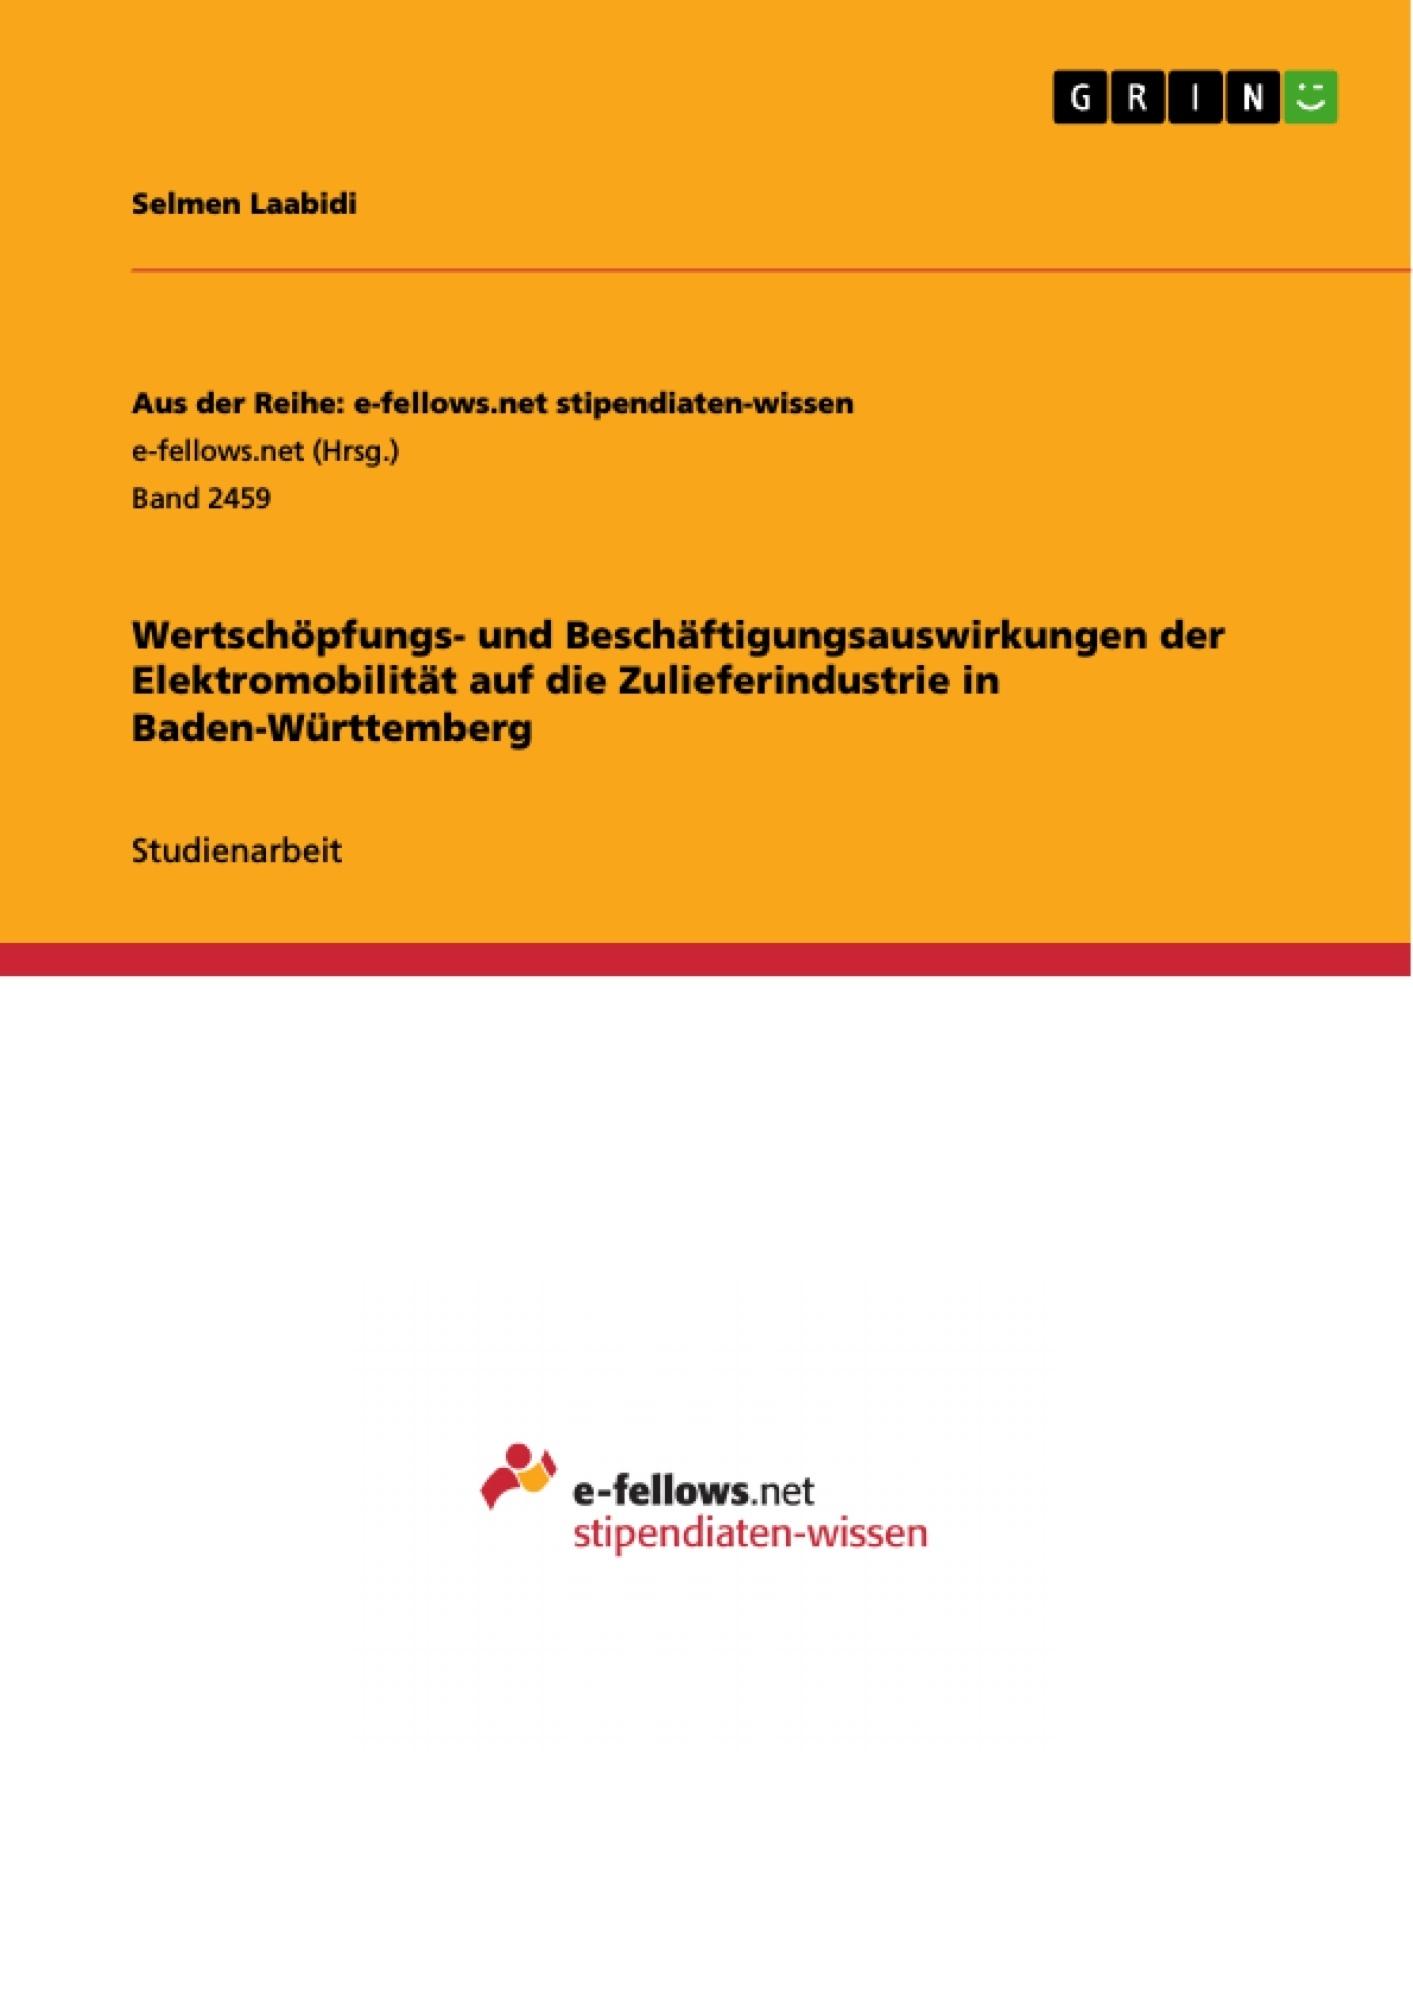 Titel: Wertschöpfungs- und Beschäftigungsauswirkungen der Elektromobilität auf die Zulieferindustrie in Baden-Württemberg